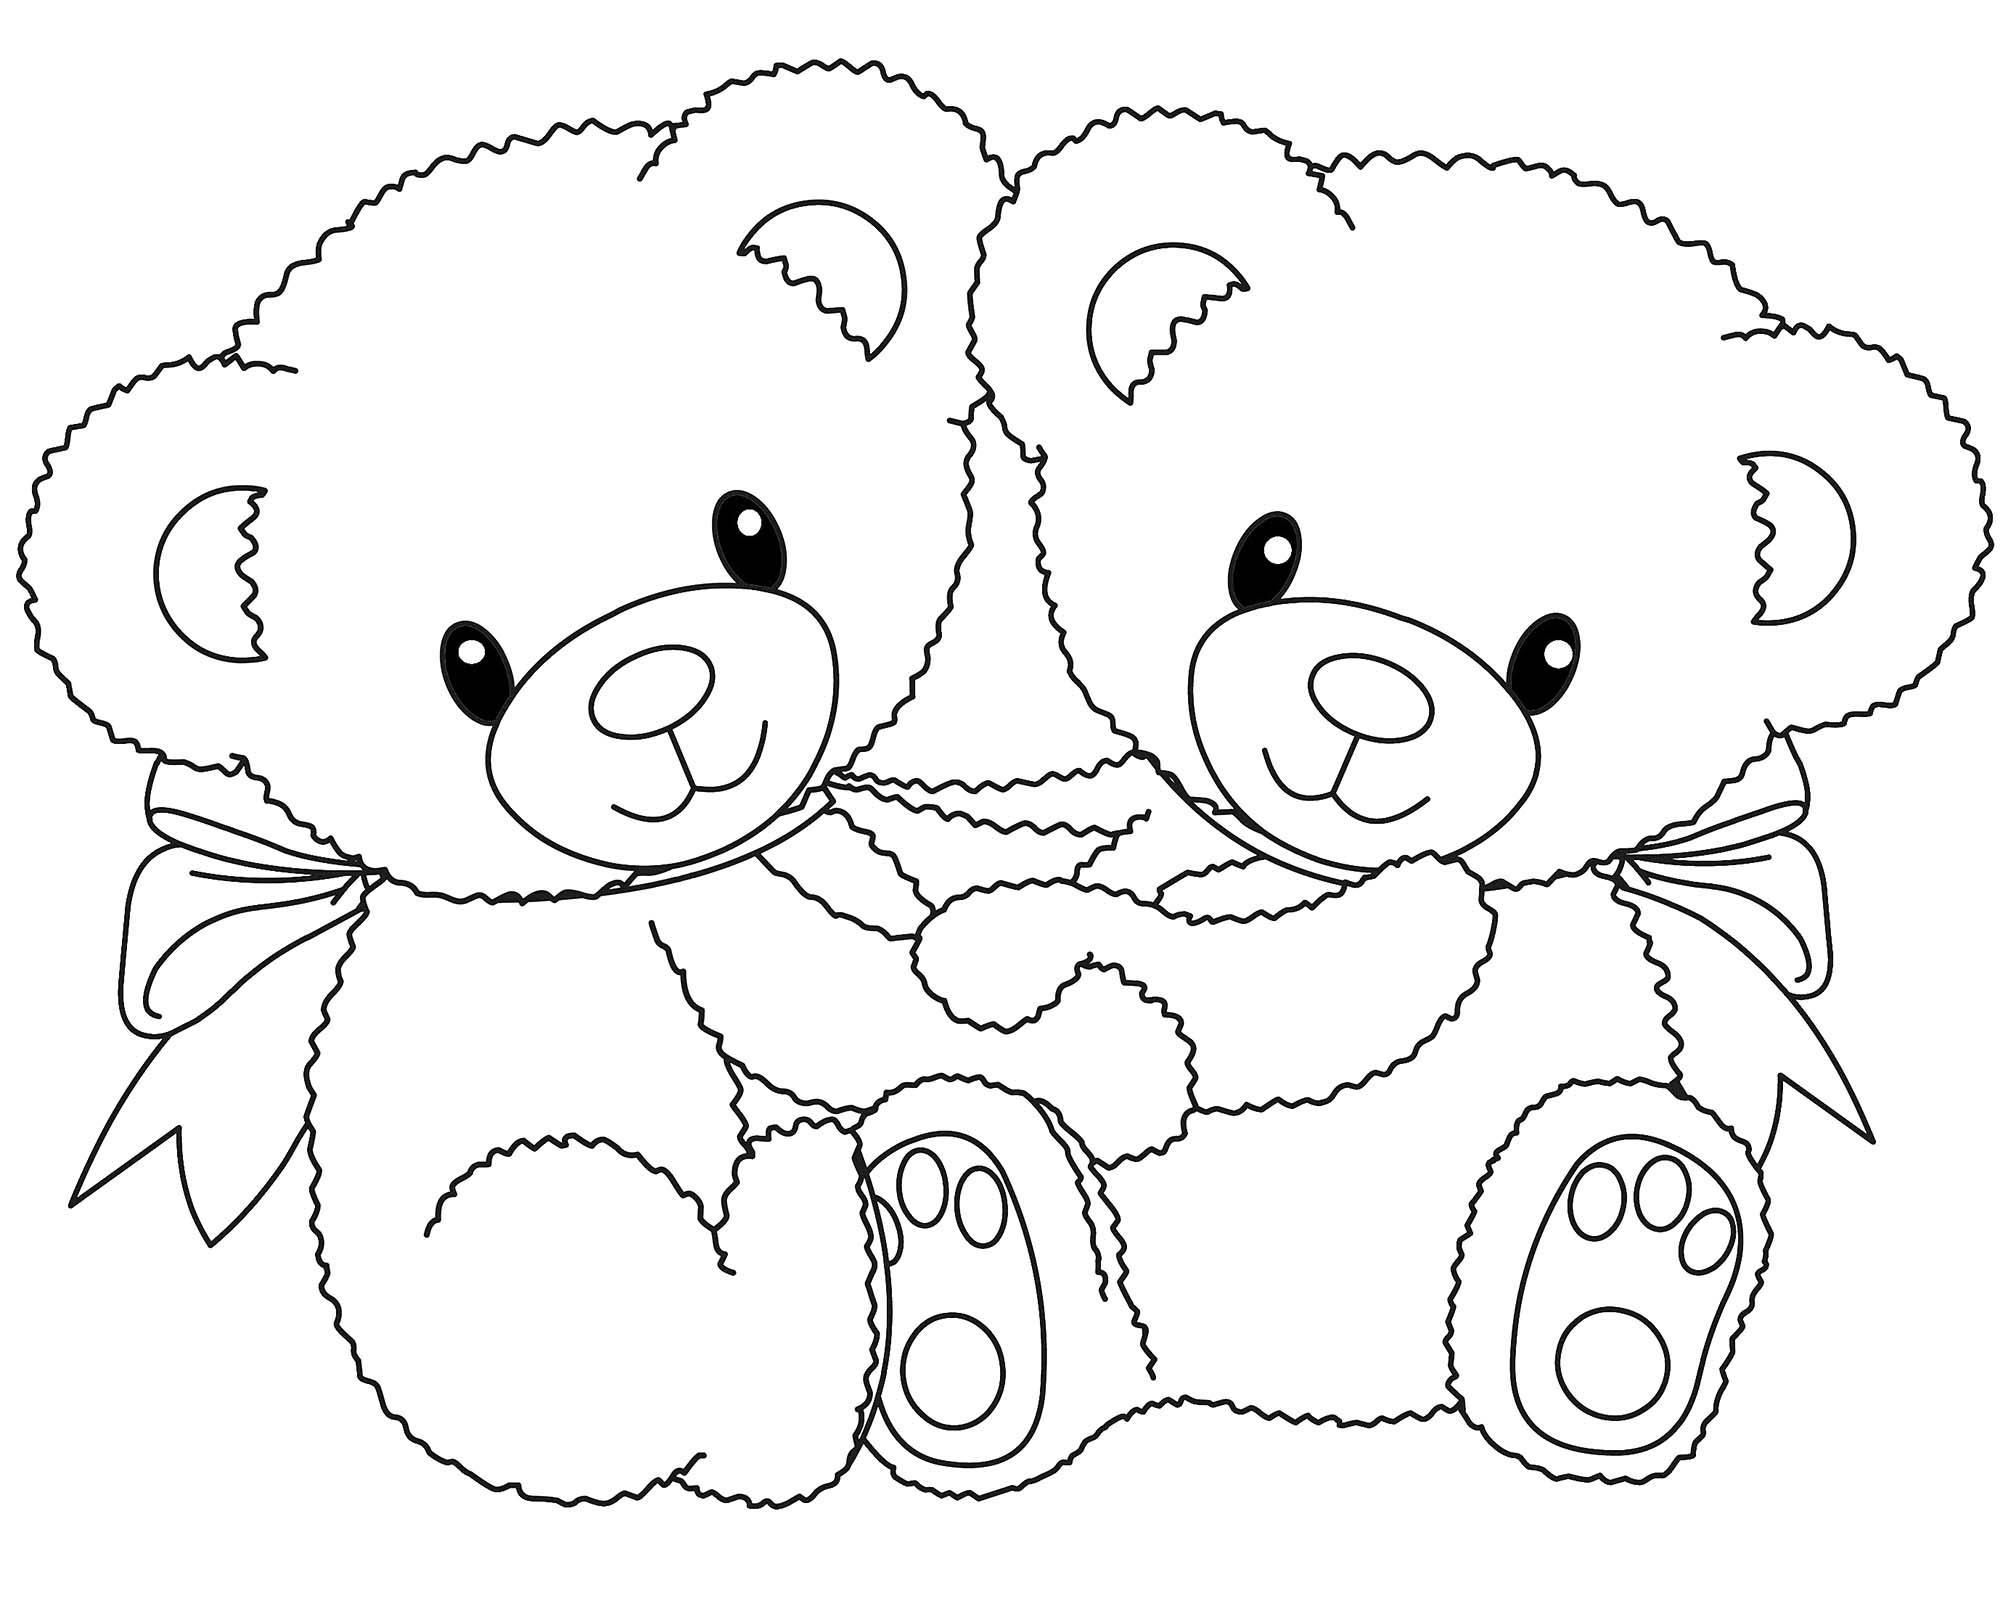 Hug coloring #5, Download drawings